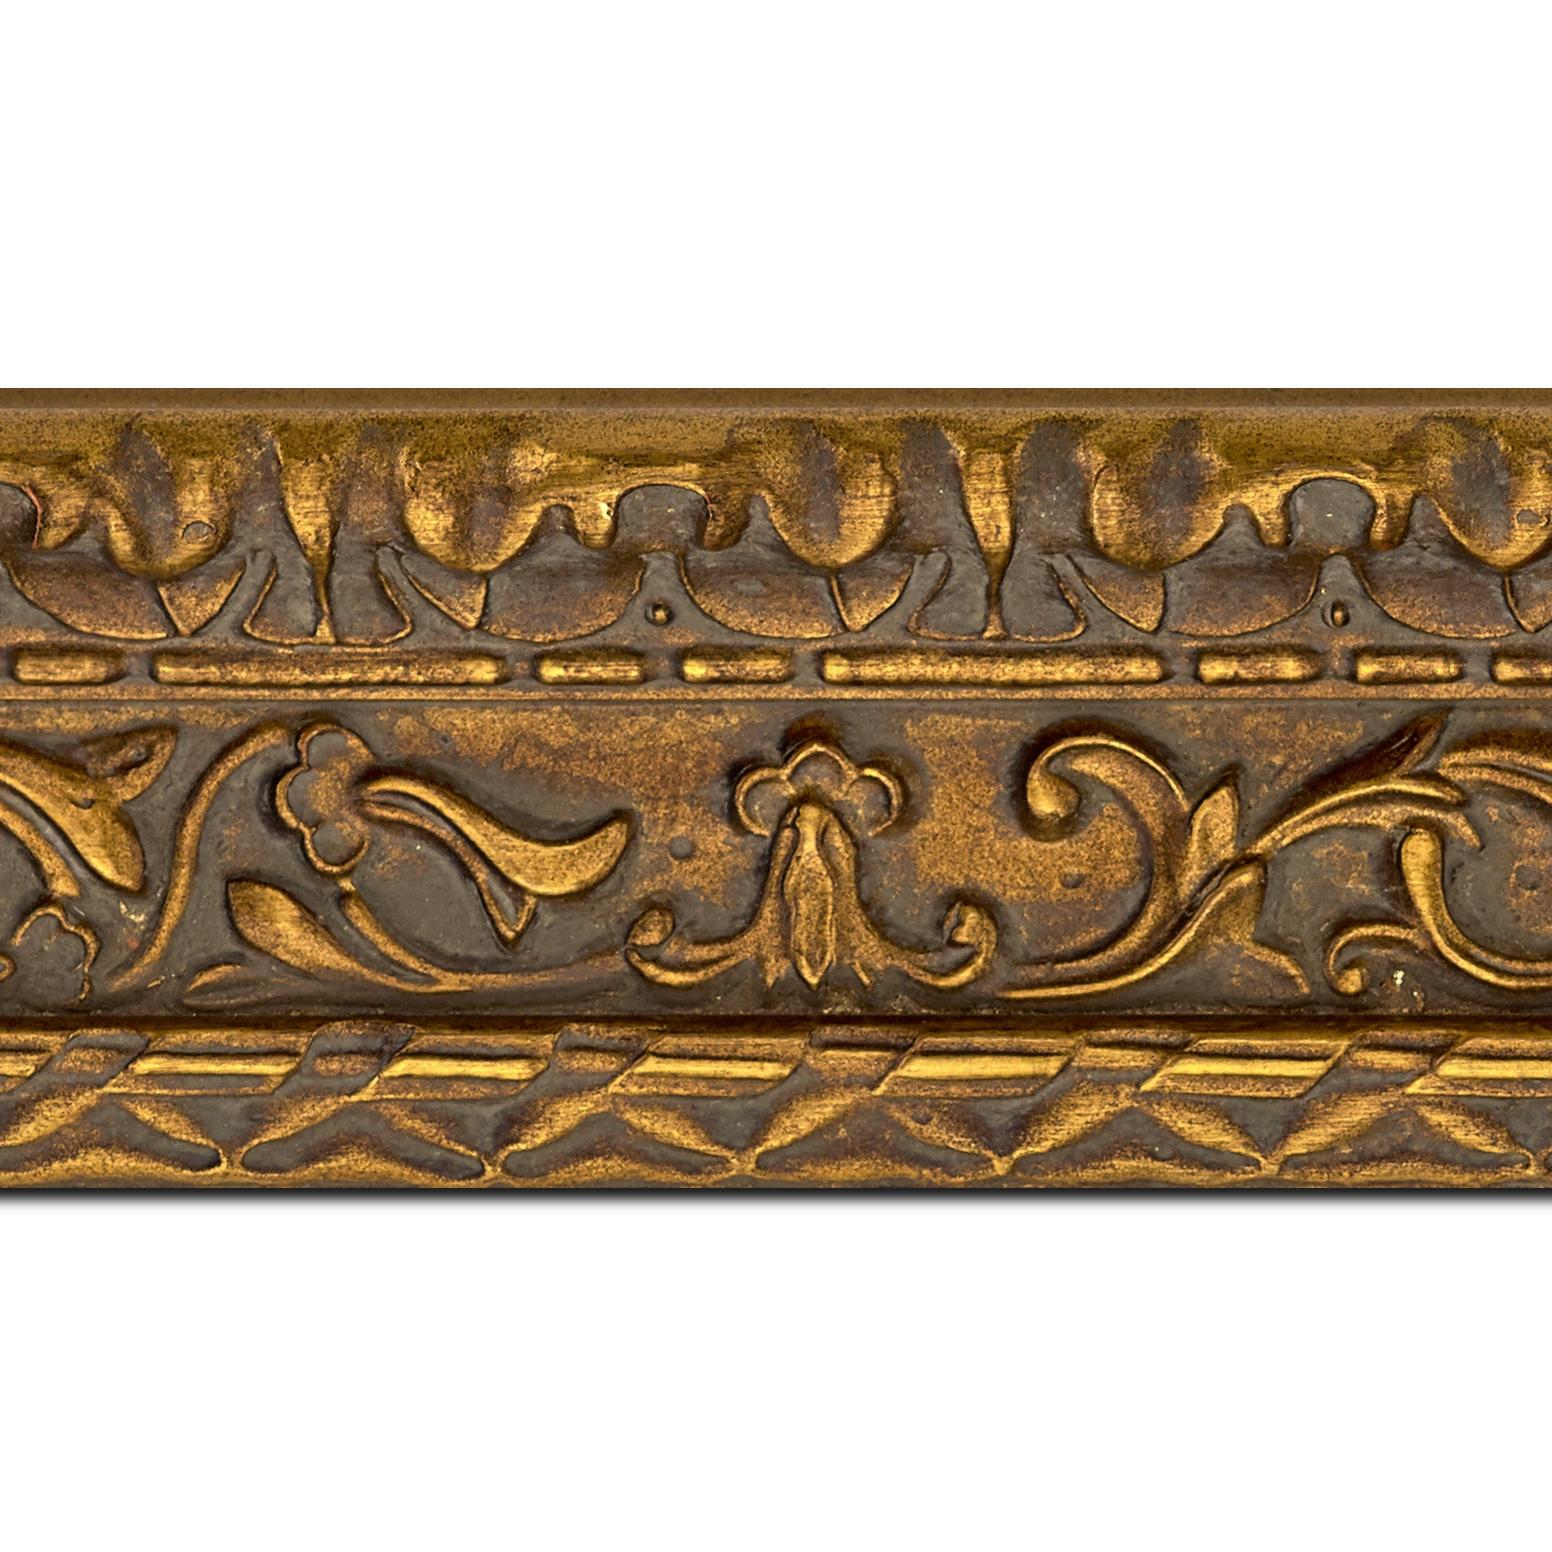 Baguette longueur 1.40m bois profil incurvé largeur 9.8cm or antique style ornement